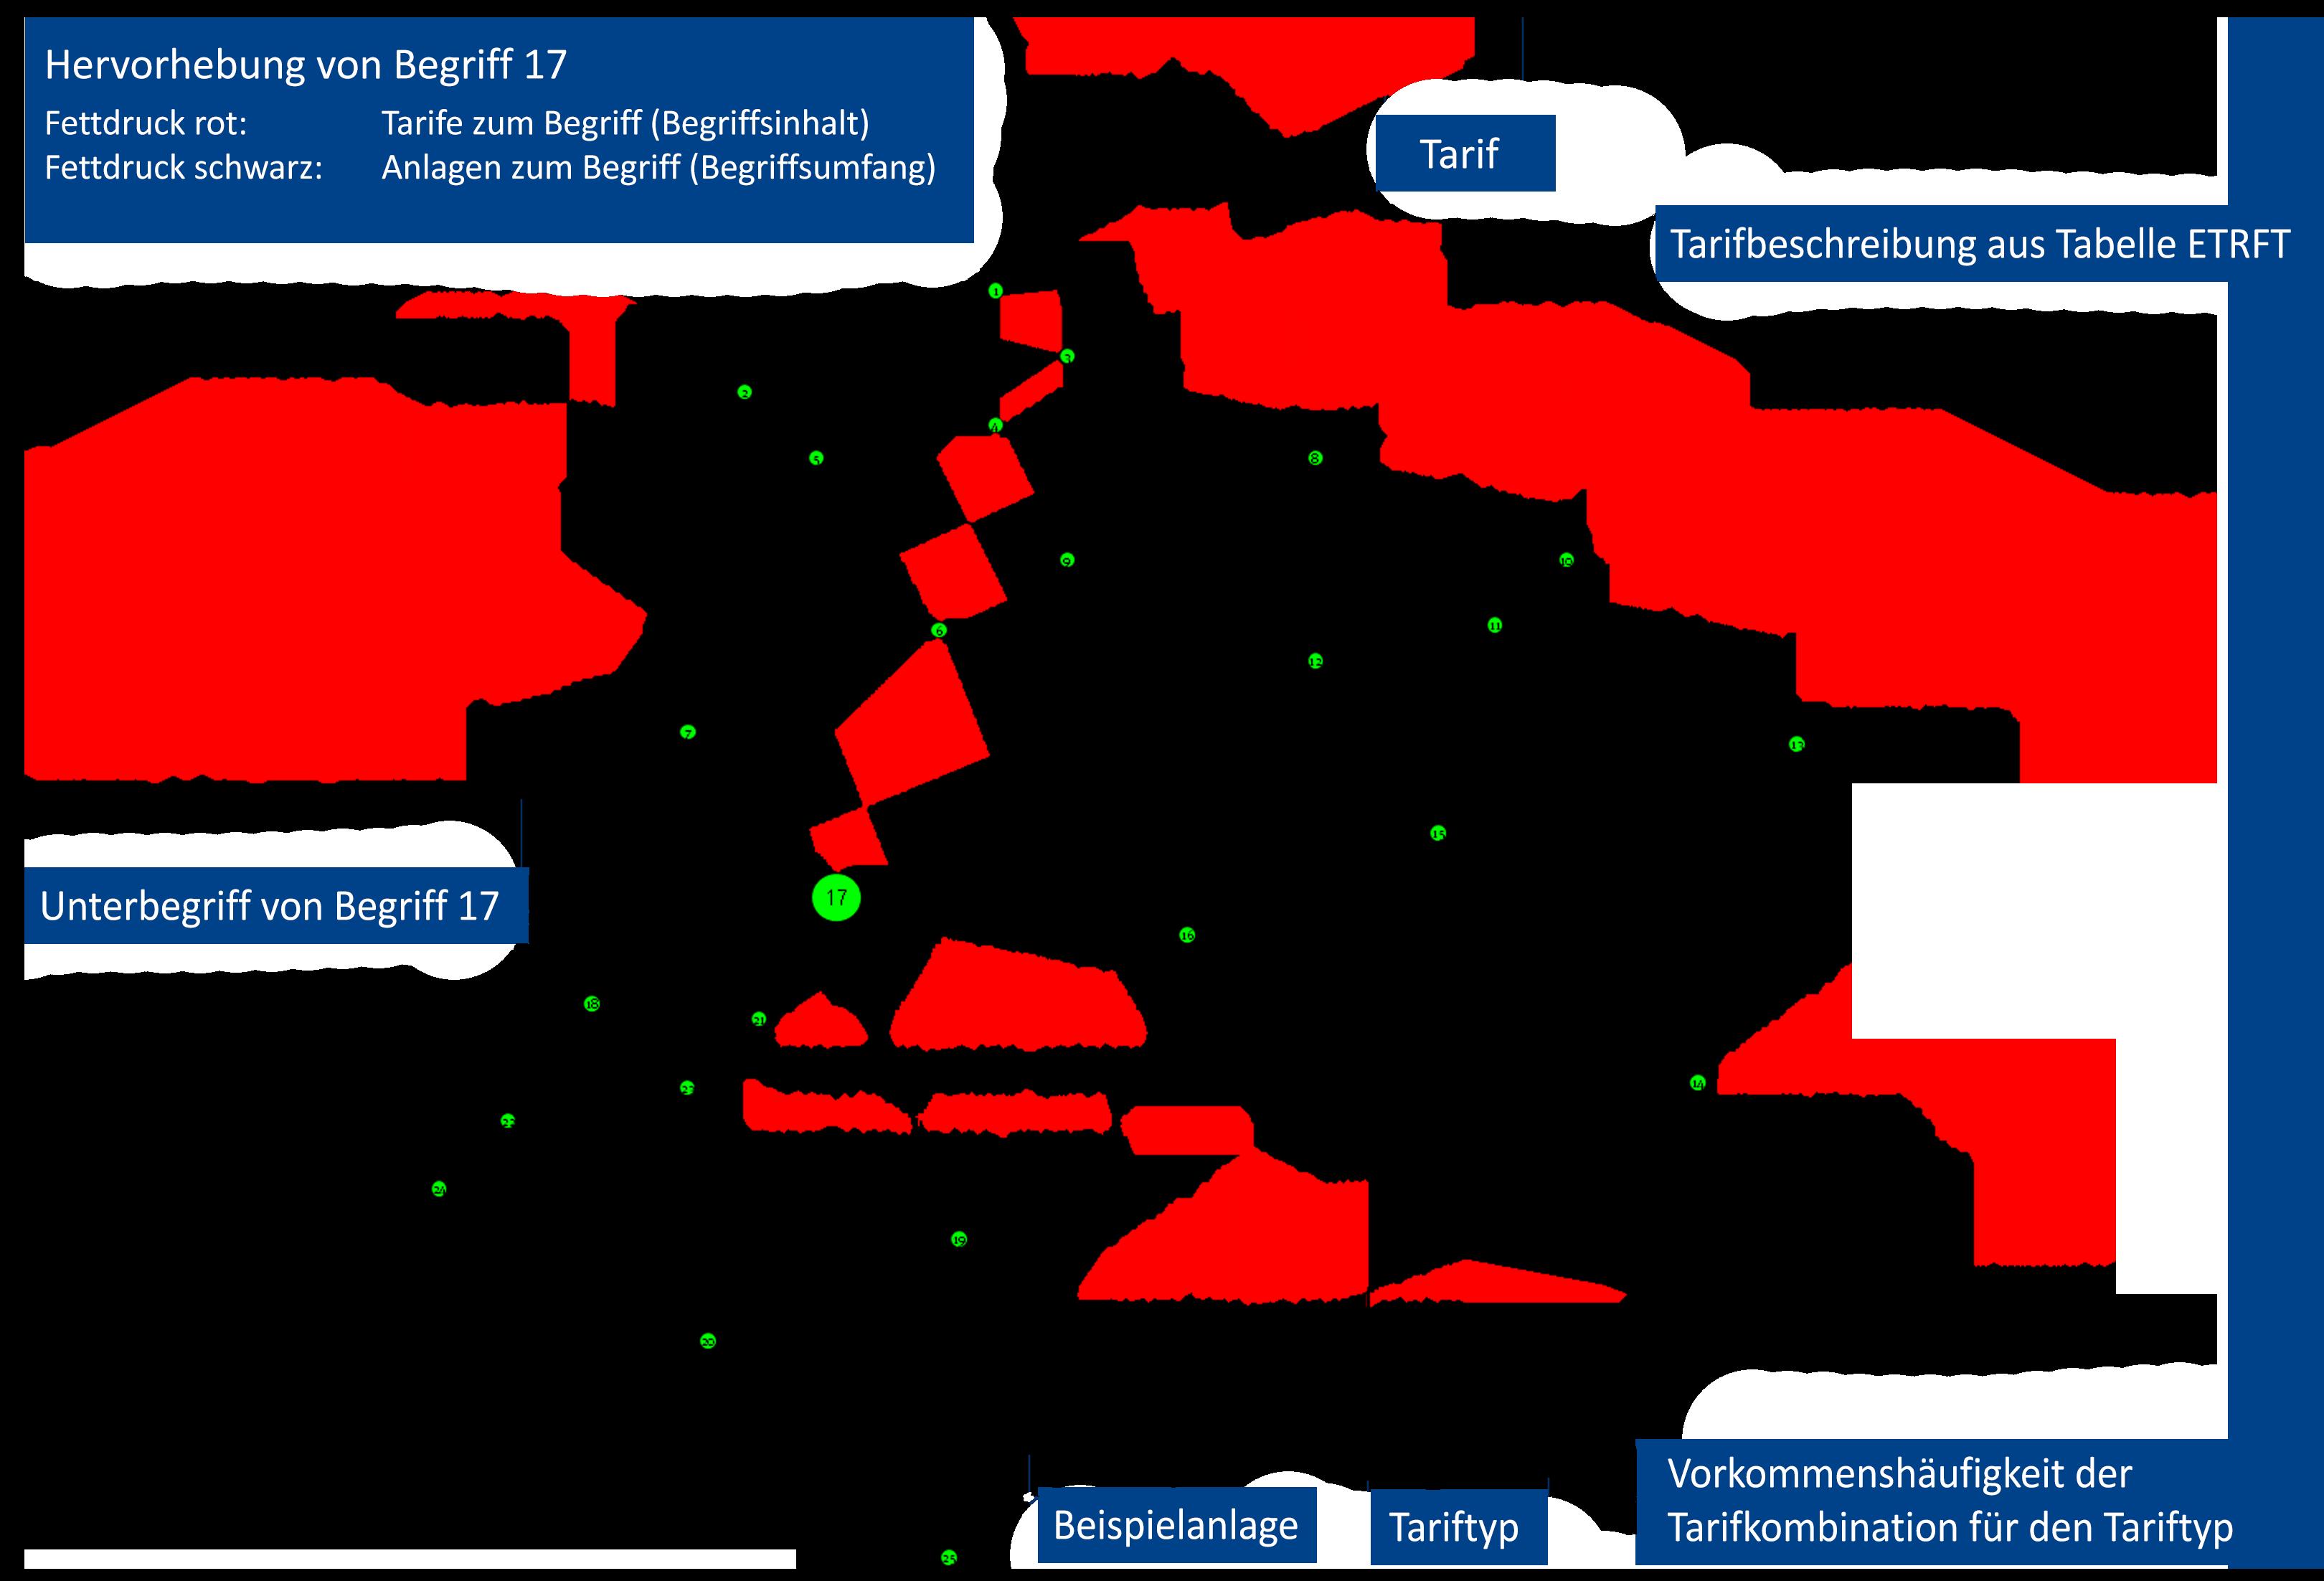 Begriffsverband zu einer Verwendung von SAP IS-U Tarifen im Kundensystem